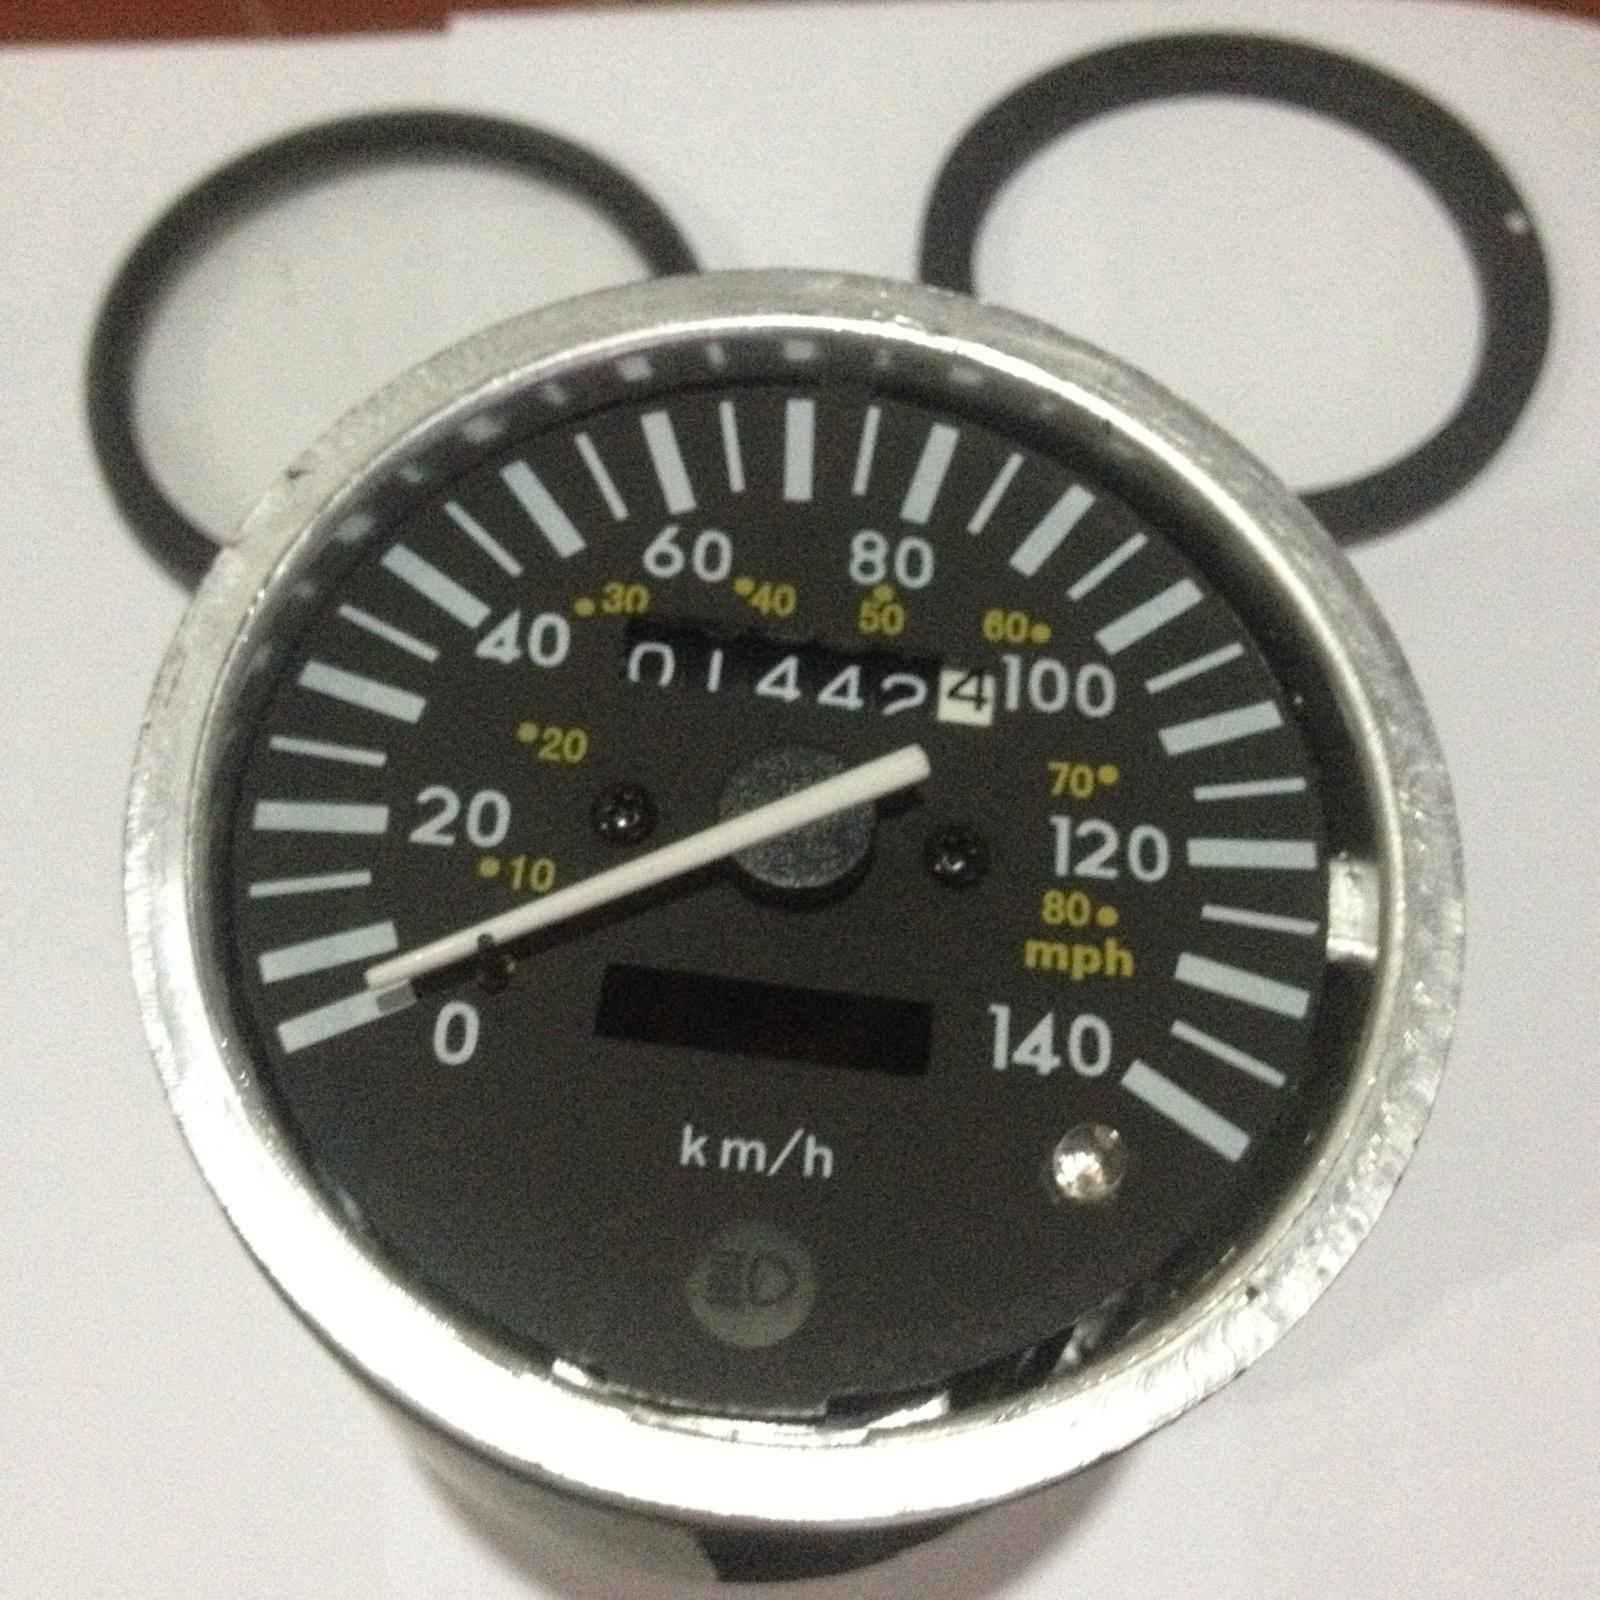 Conoce tu odometro y velocimetro, ademas de por que la luz del neutro no se ve en el dia. 119nuo1